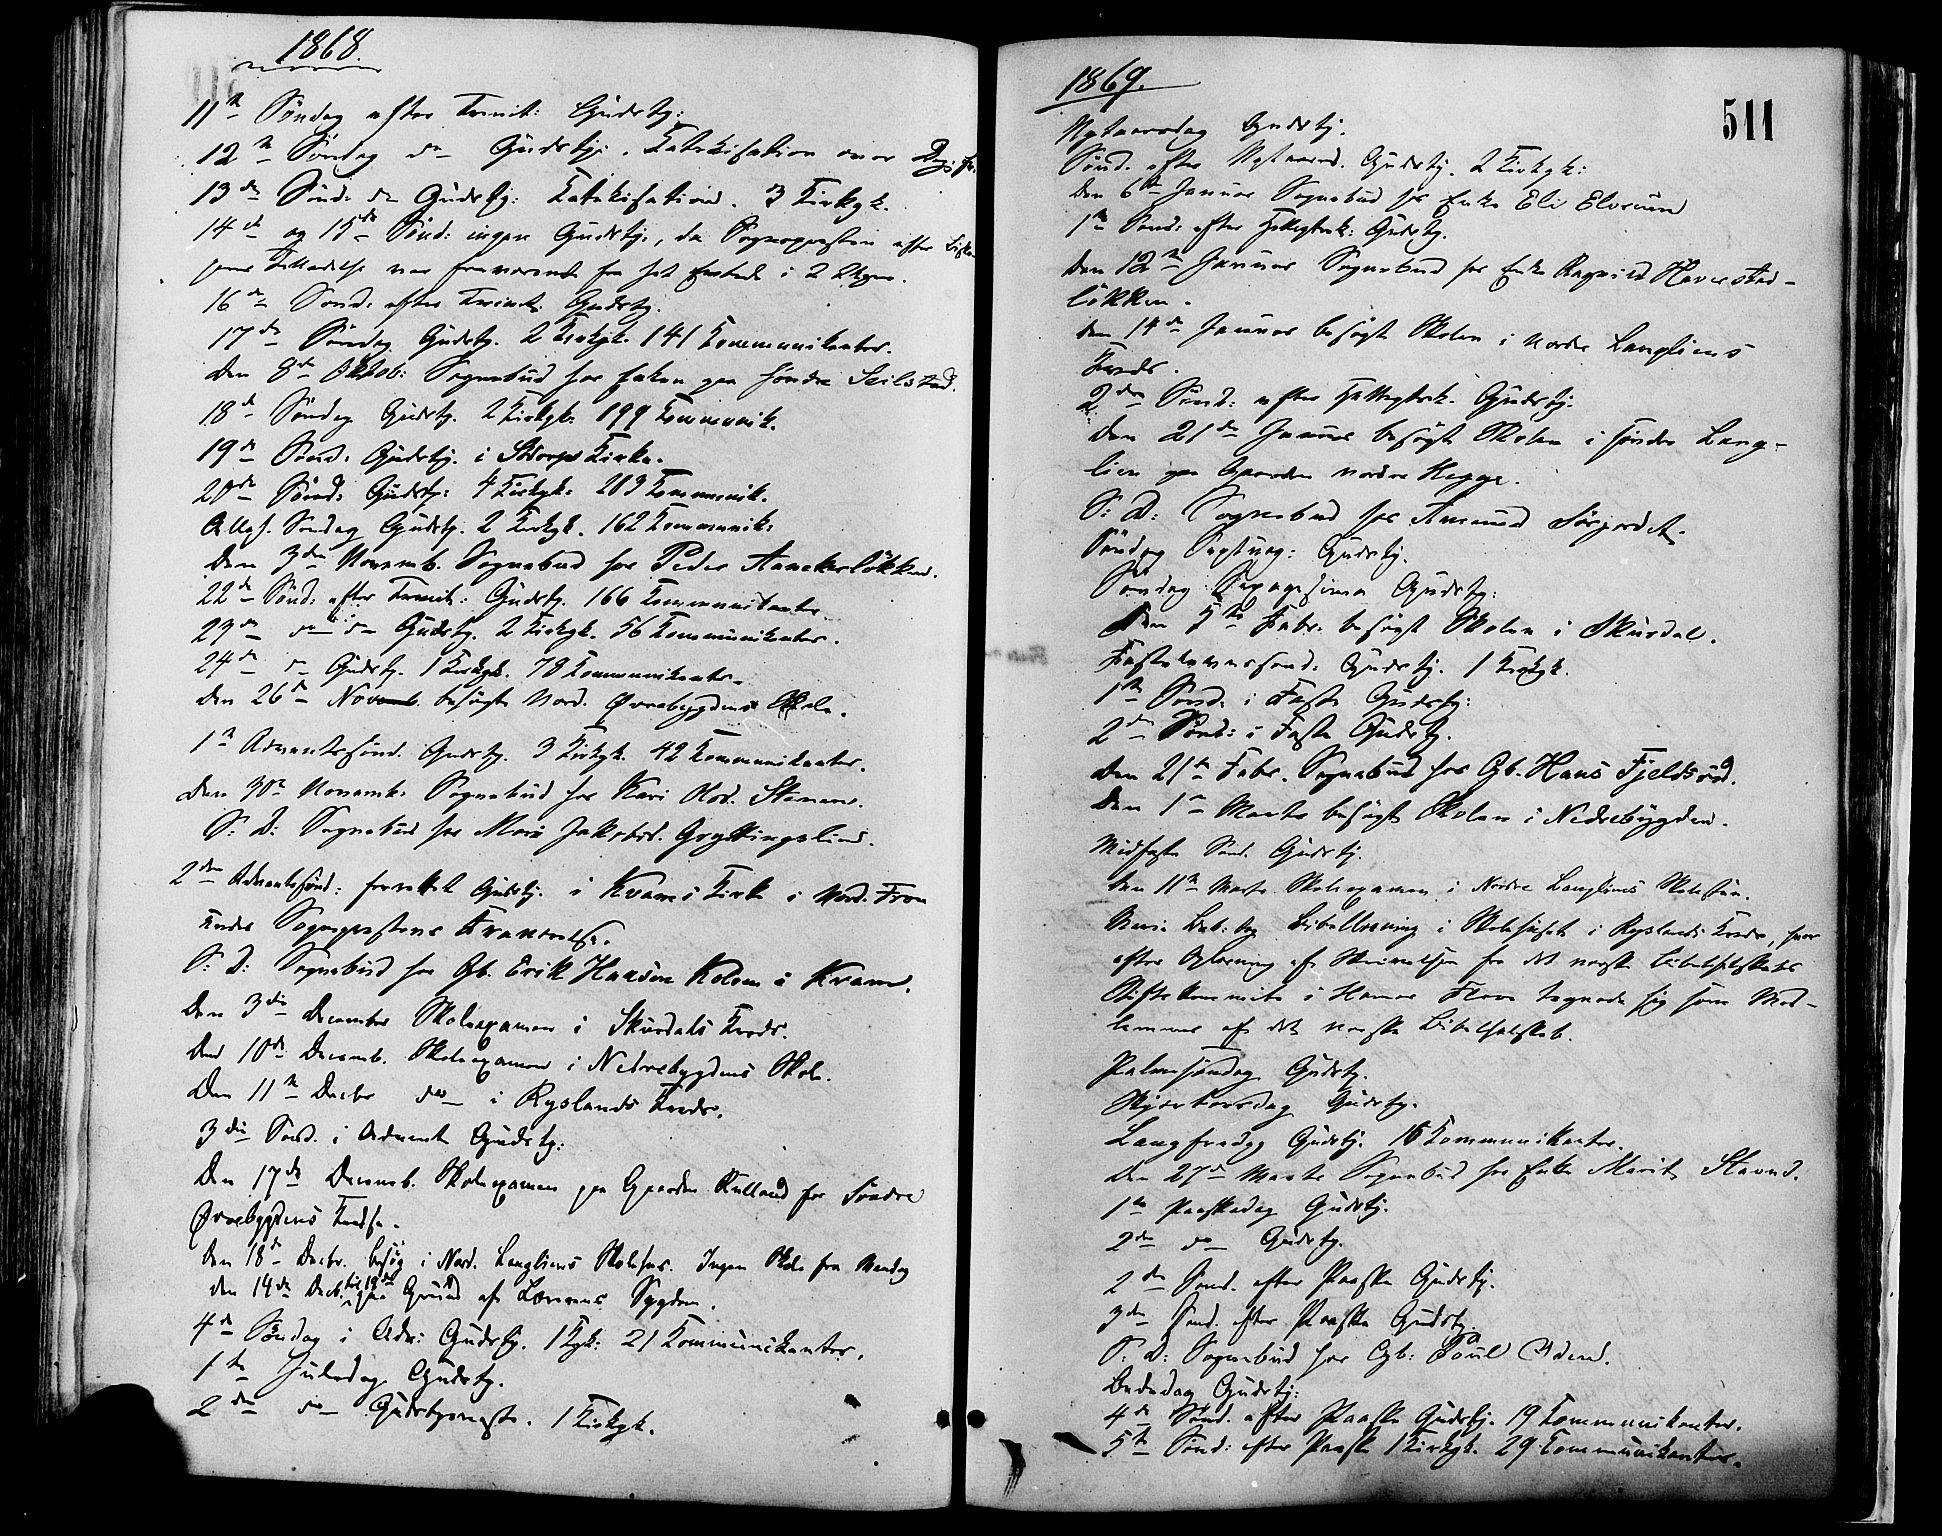 SAH, Sør-Fron prestekontor, H/Ha/Haa/L0002: Ministerialbok nr. 2, 1864-1880, s. 511